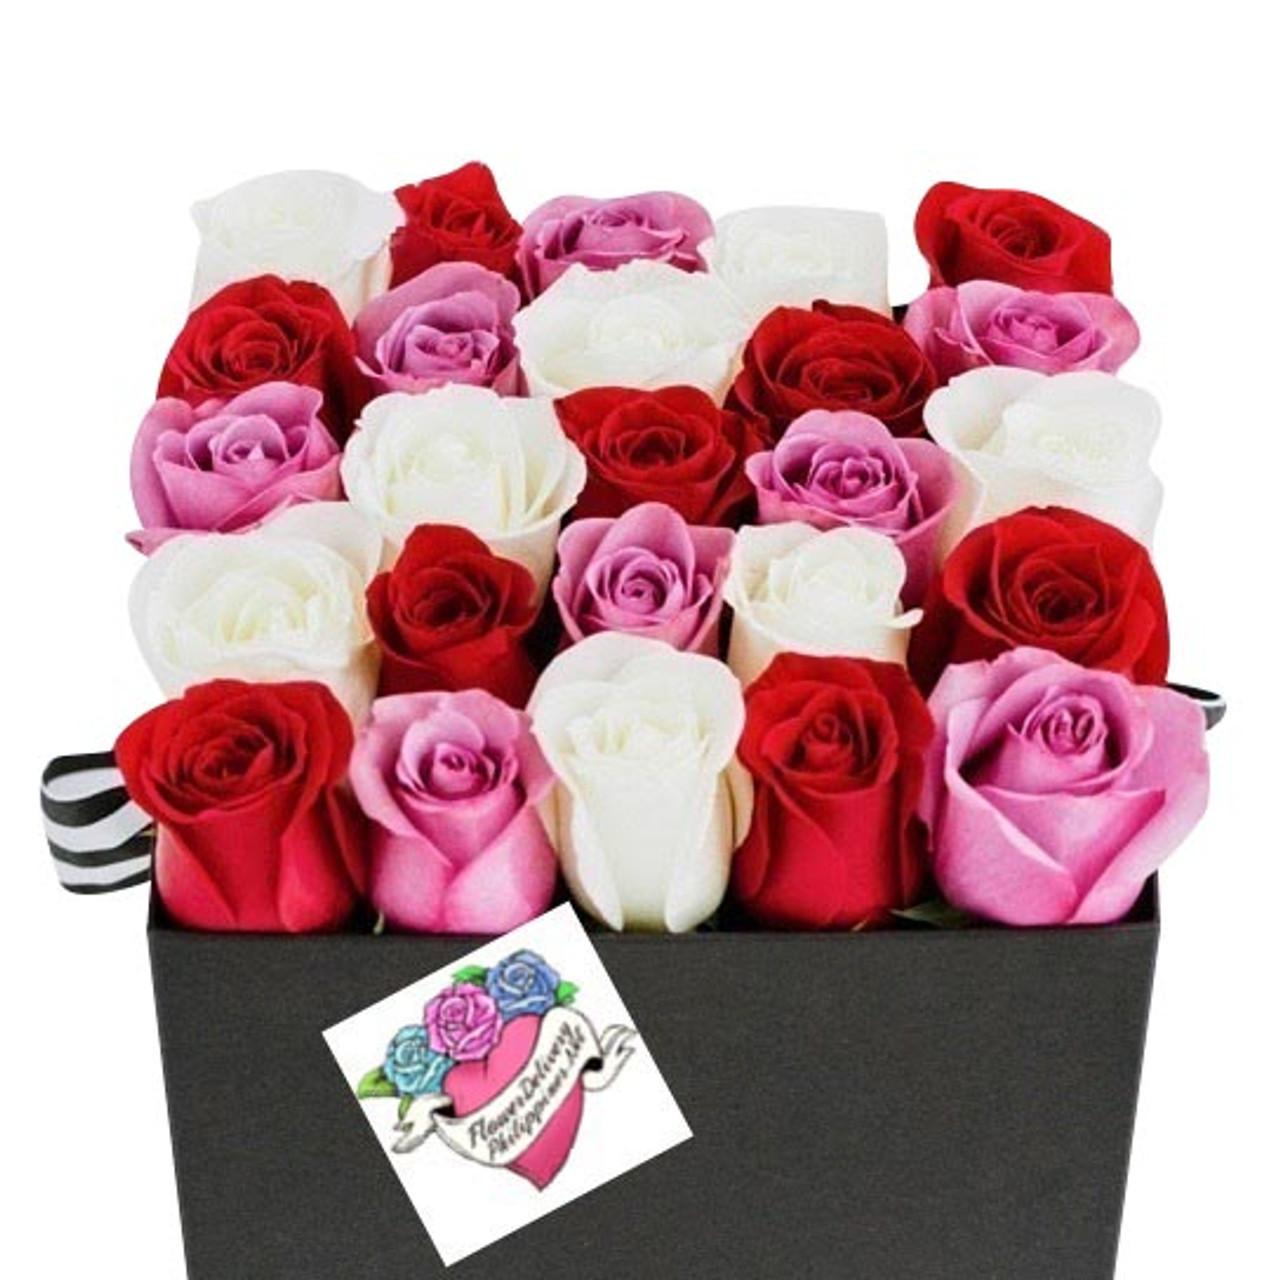 25 Assorted Roses Premium Box